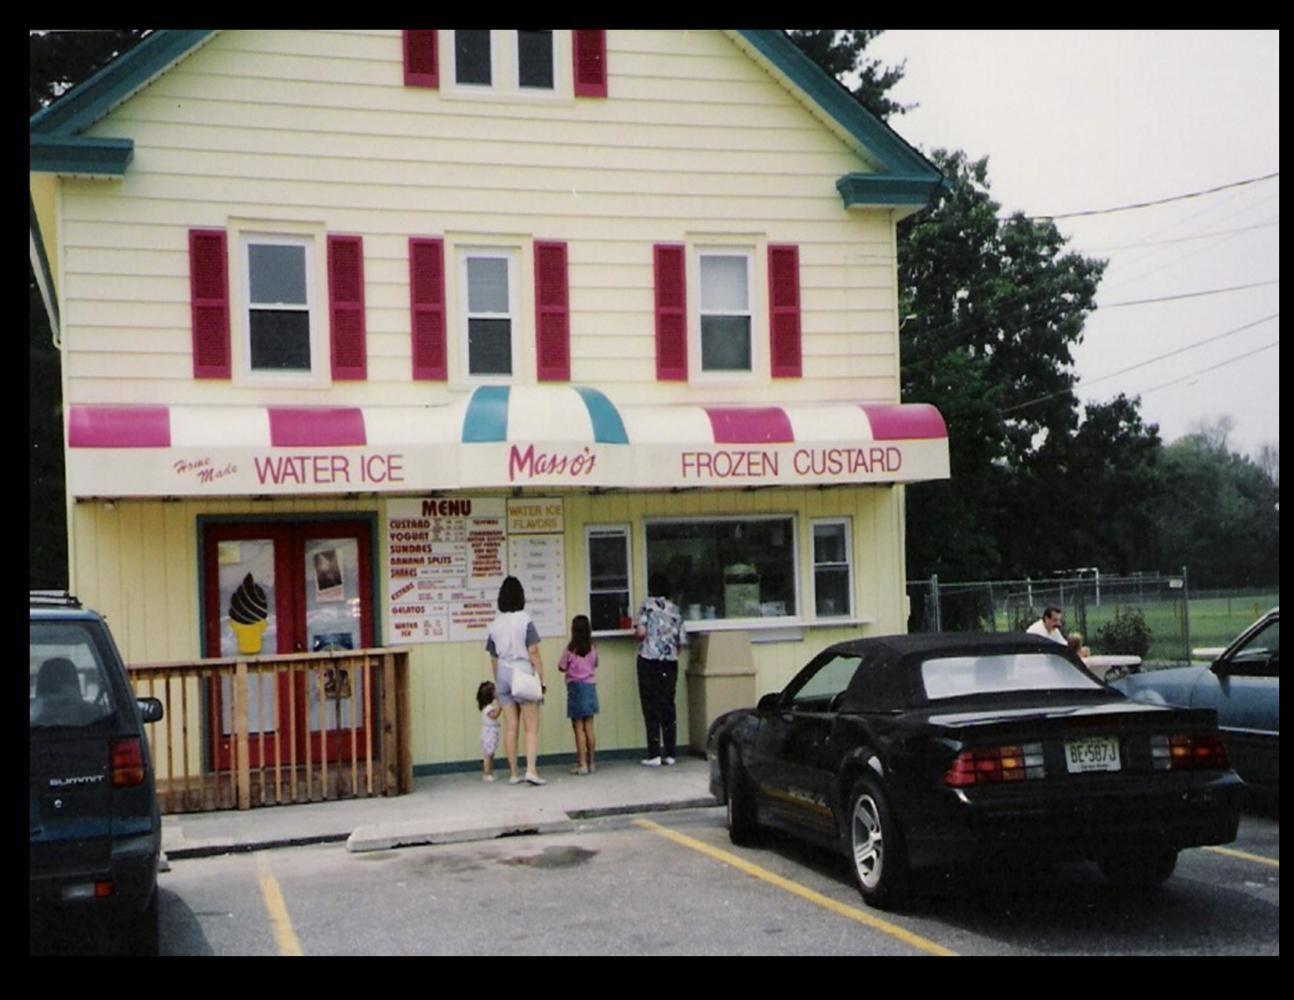 Massos+in+Gibbsboro%2C+NJ+serves+delicious+ice+cream+and+water+ice.+